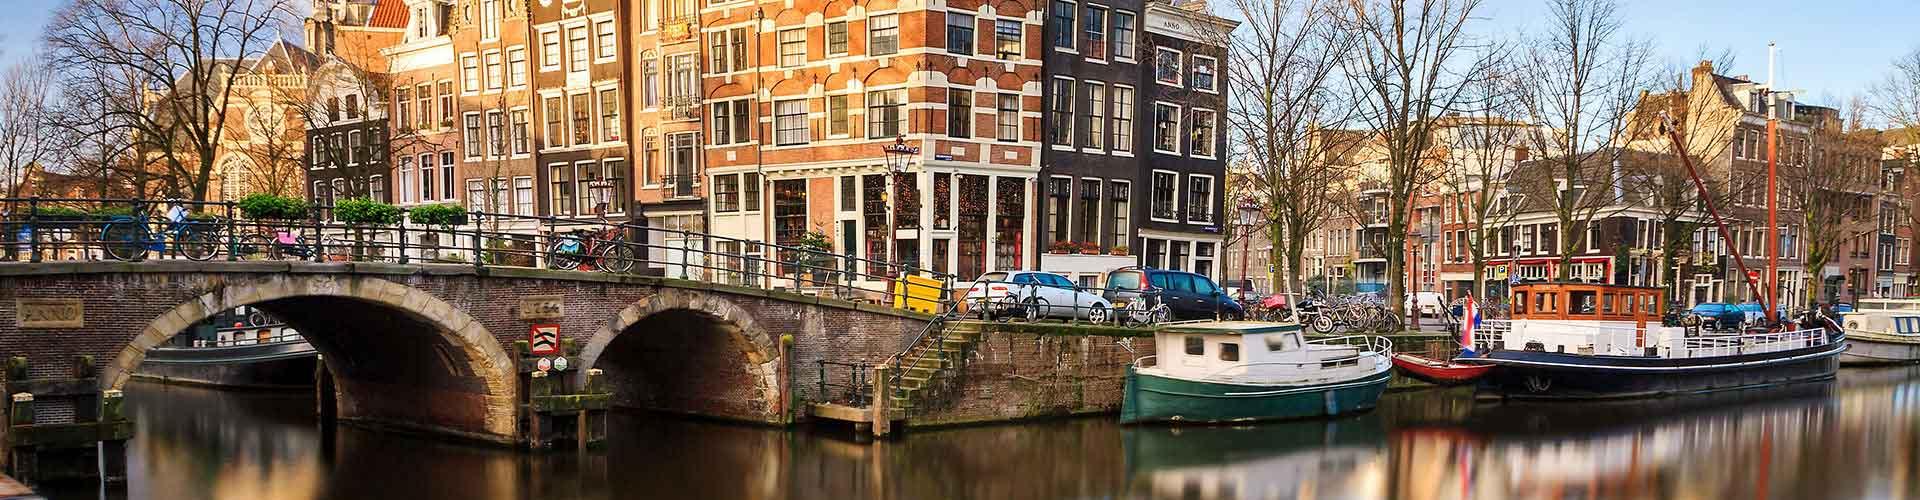 Amsterdam – Albergues em Amsterdam. Mapas para Amsterdam, Fotos e Avaliações para cada Albergue em Amsterdam.